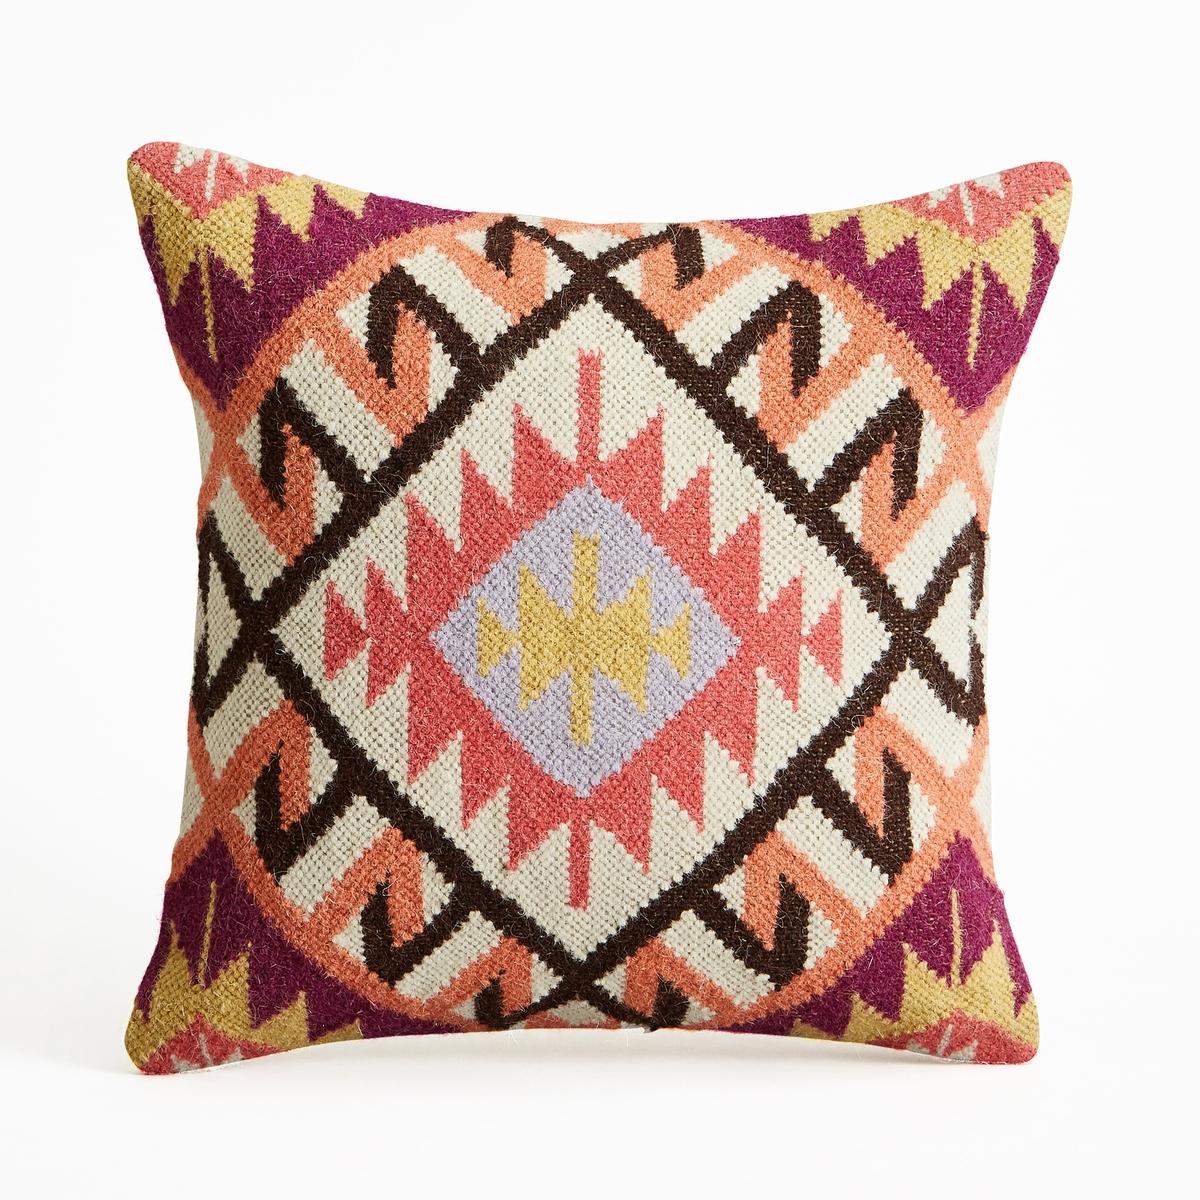 Чехол для подушки EppalocЧехол для подушки с тканым ковровым рисунком в стиле килим Eppaloc. Застежка на молнию.Состав:- Лицевая сторона: 80% шерсти, 20% хлопка, оборотная сторона однотонная, из 100% хлопка. Размеры :- 45 x 45 см.Подушка продается отдельно на сайте.<br><br>Цвет: оранжевый<br>Размер: 45 x 45  см